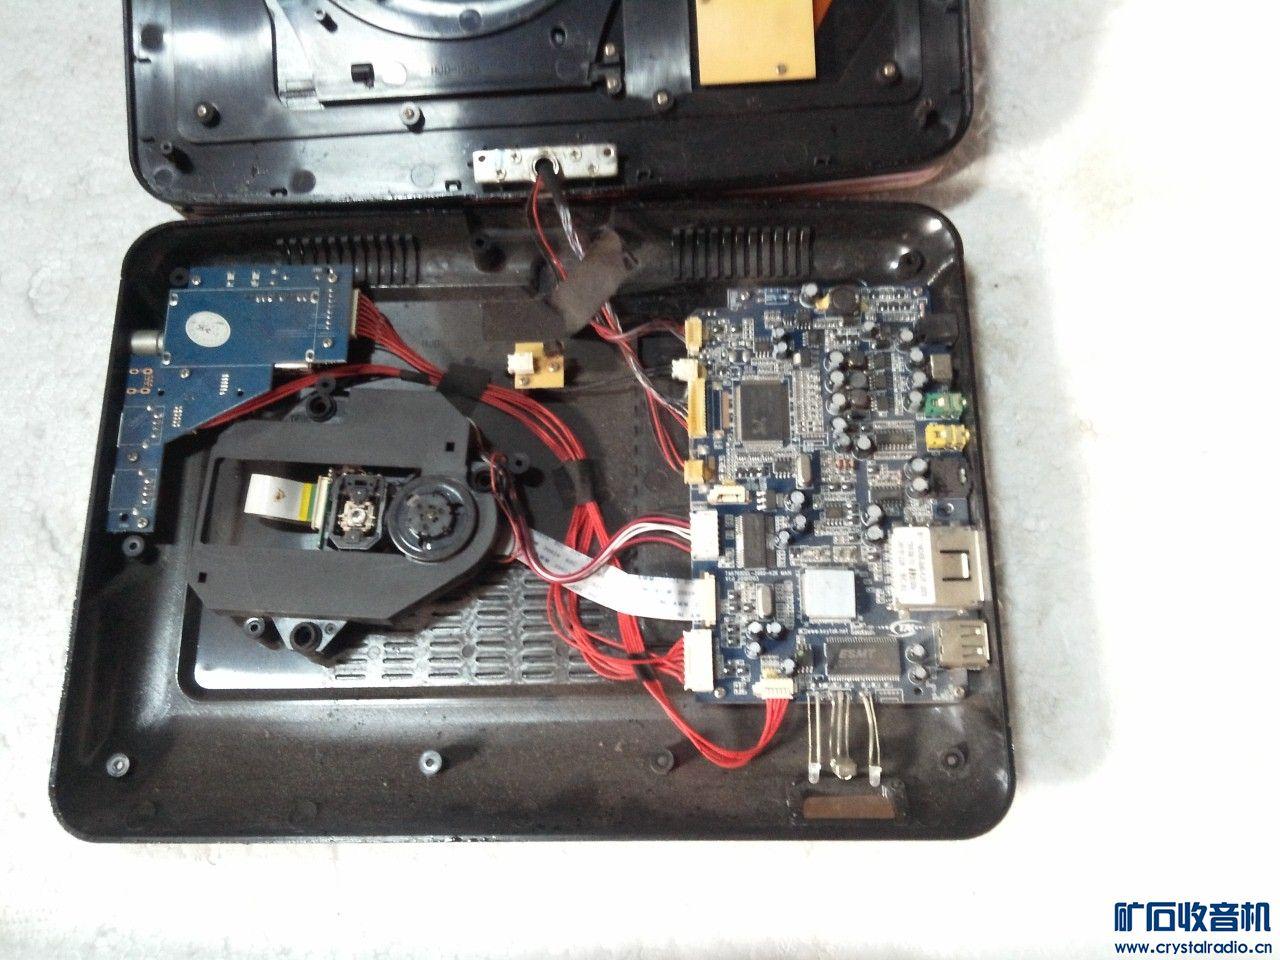 移动DVD,出板子带壳,DVD,电视,AV,收音等功能,40元.jpg